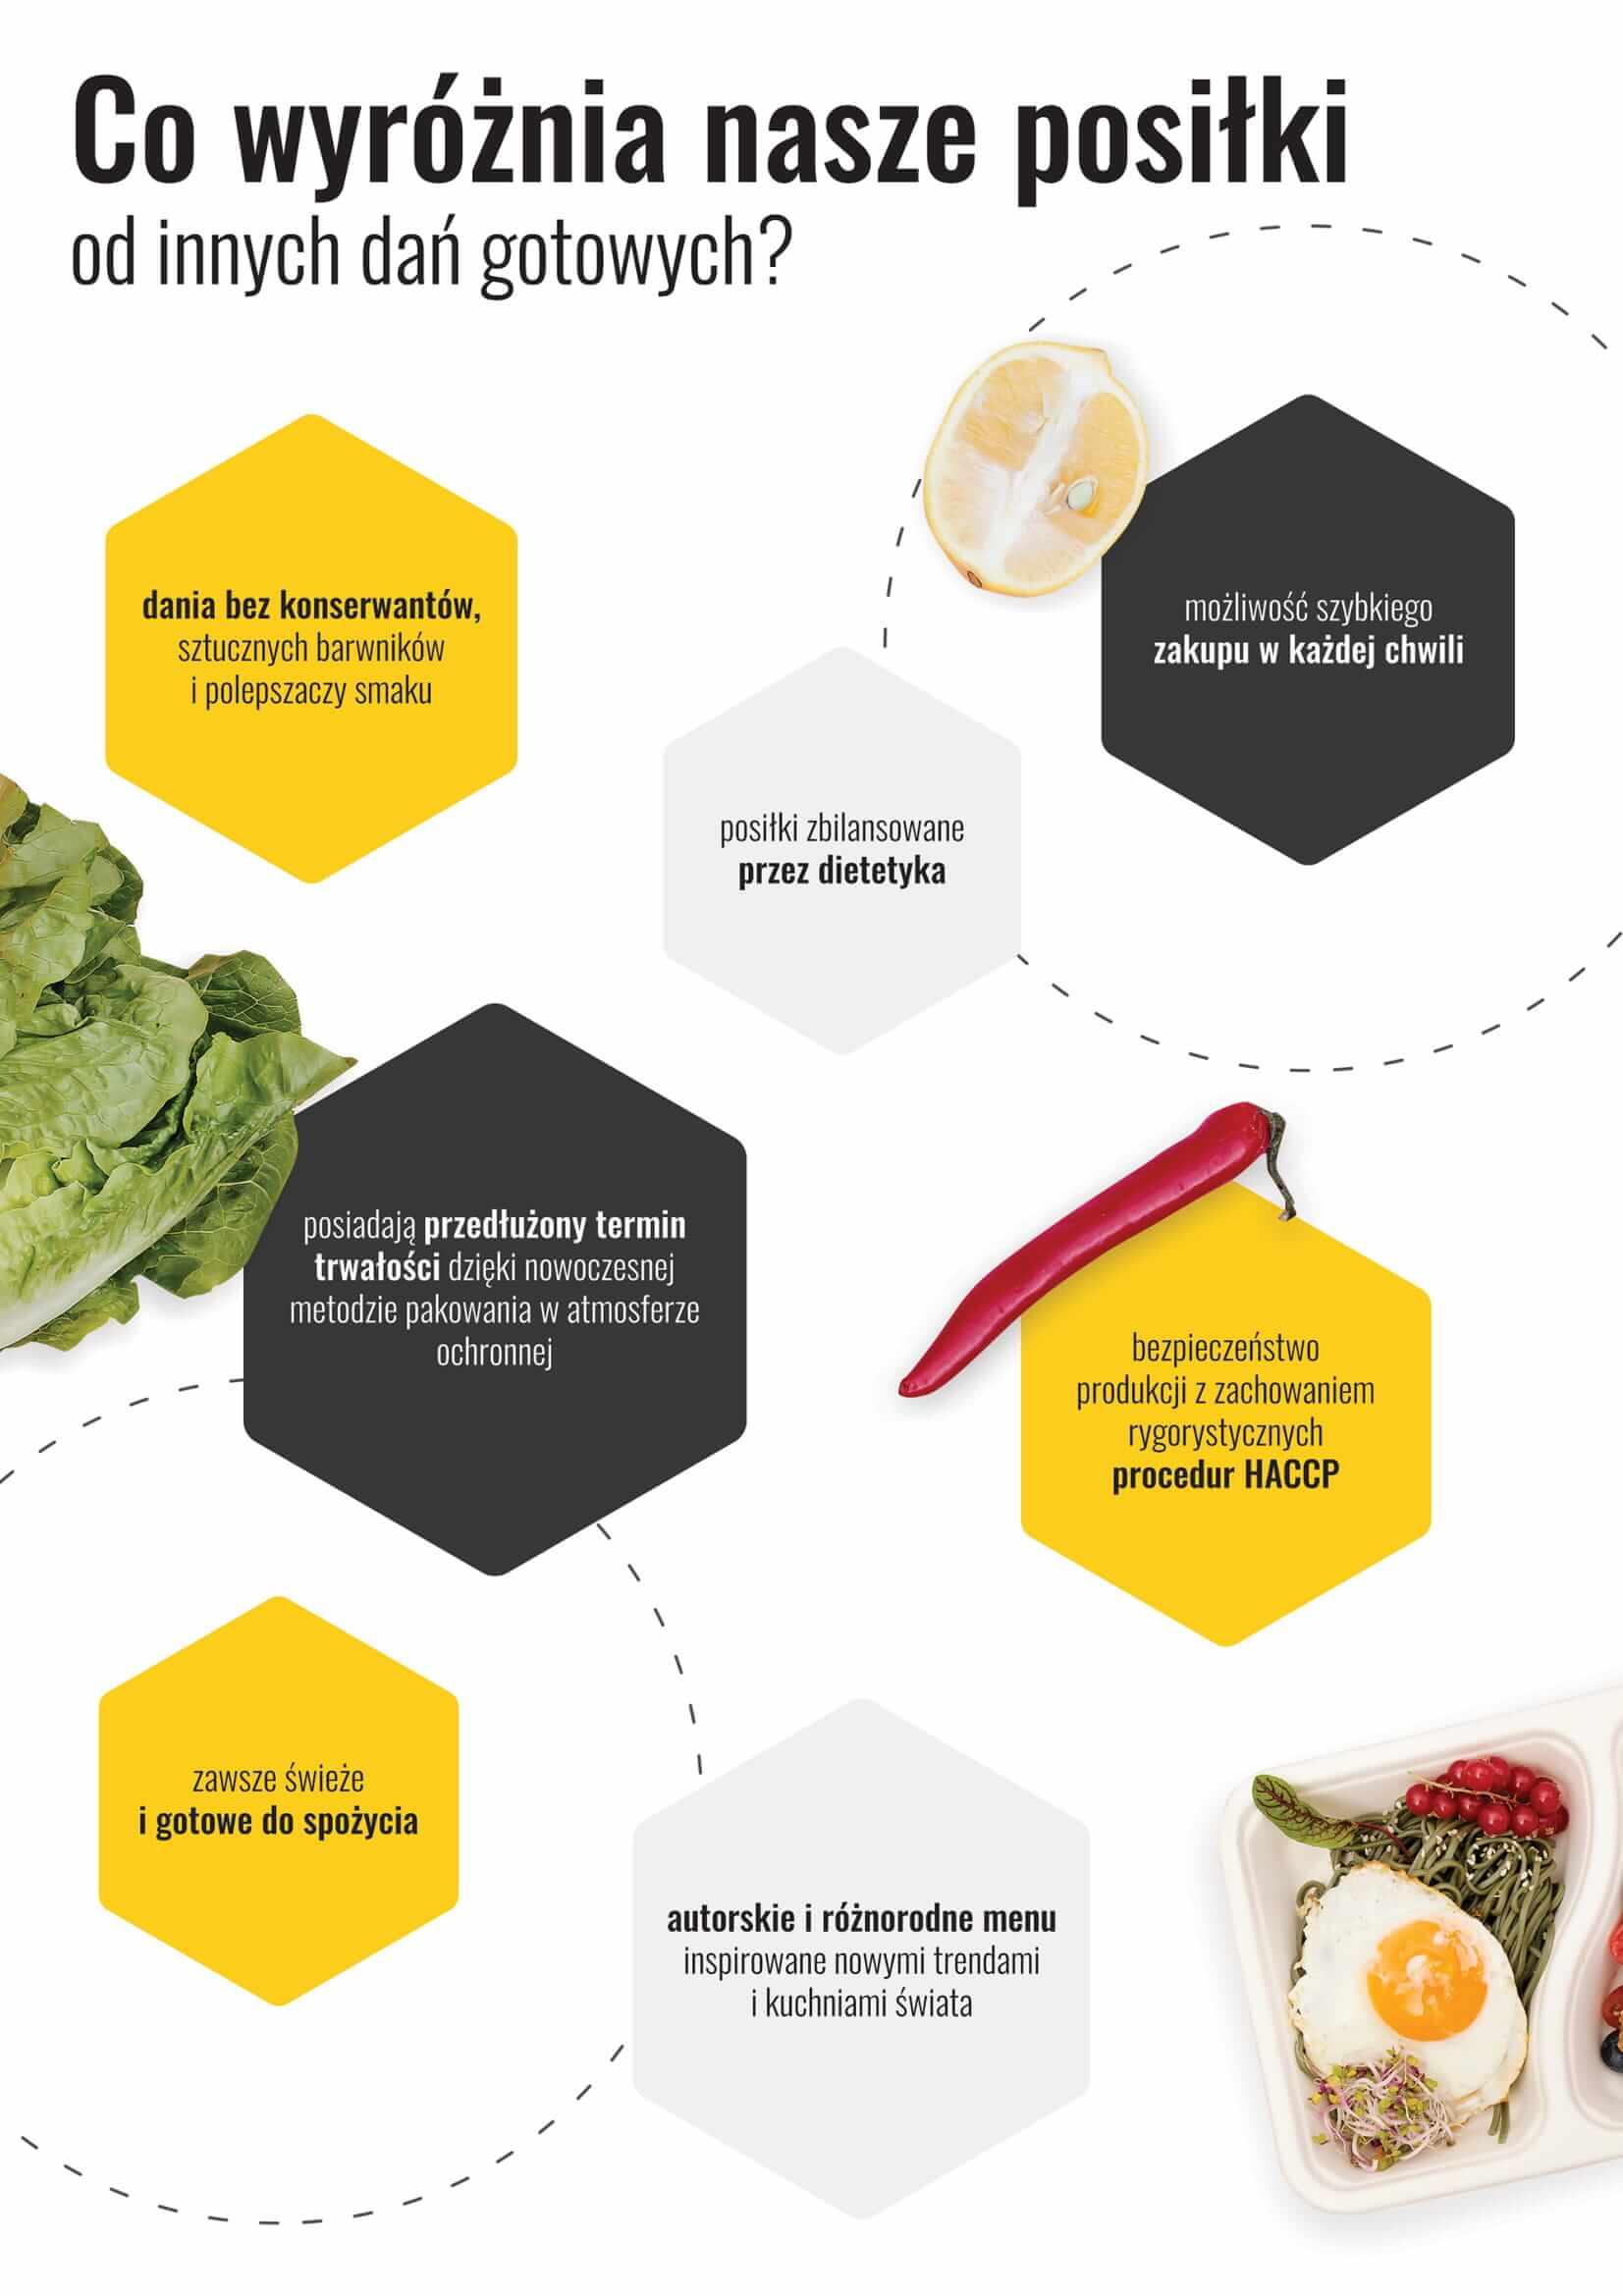 Posiłki zbilansowane przez dietetyka Cud i Miód